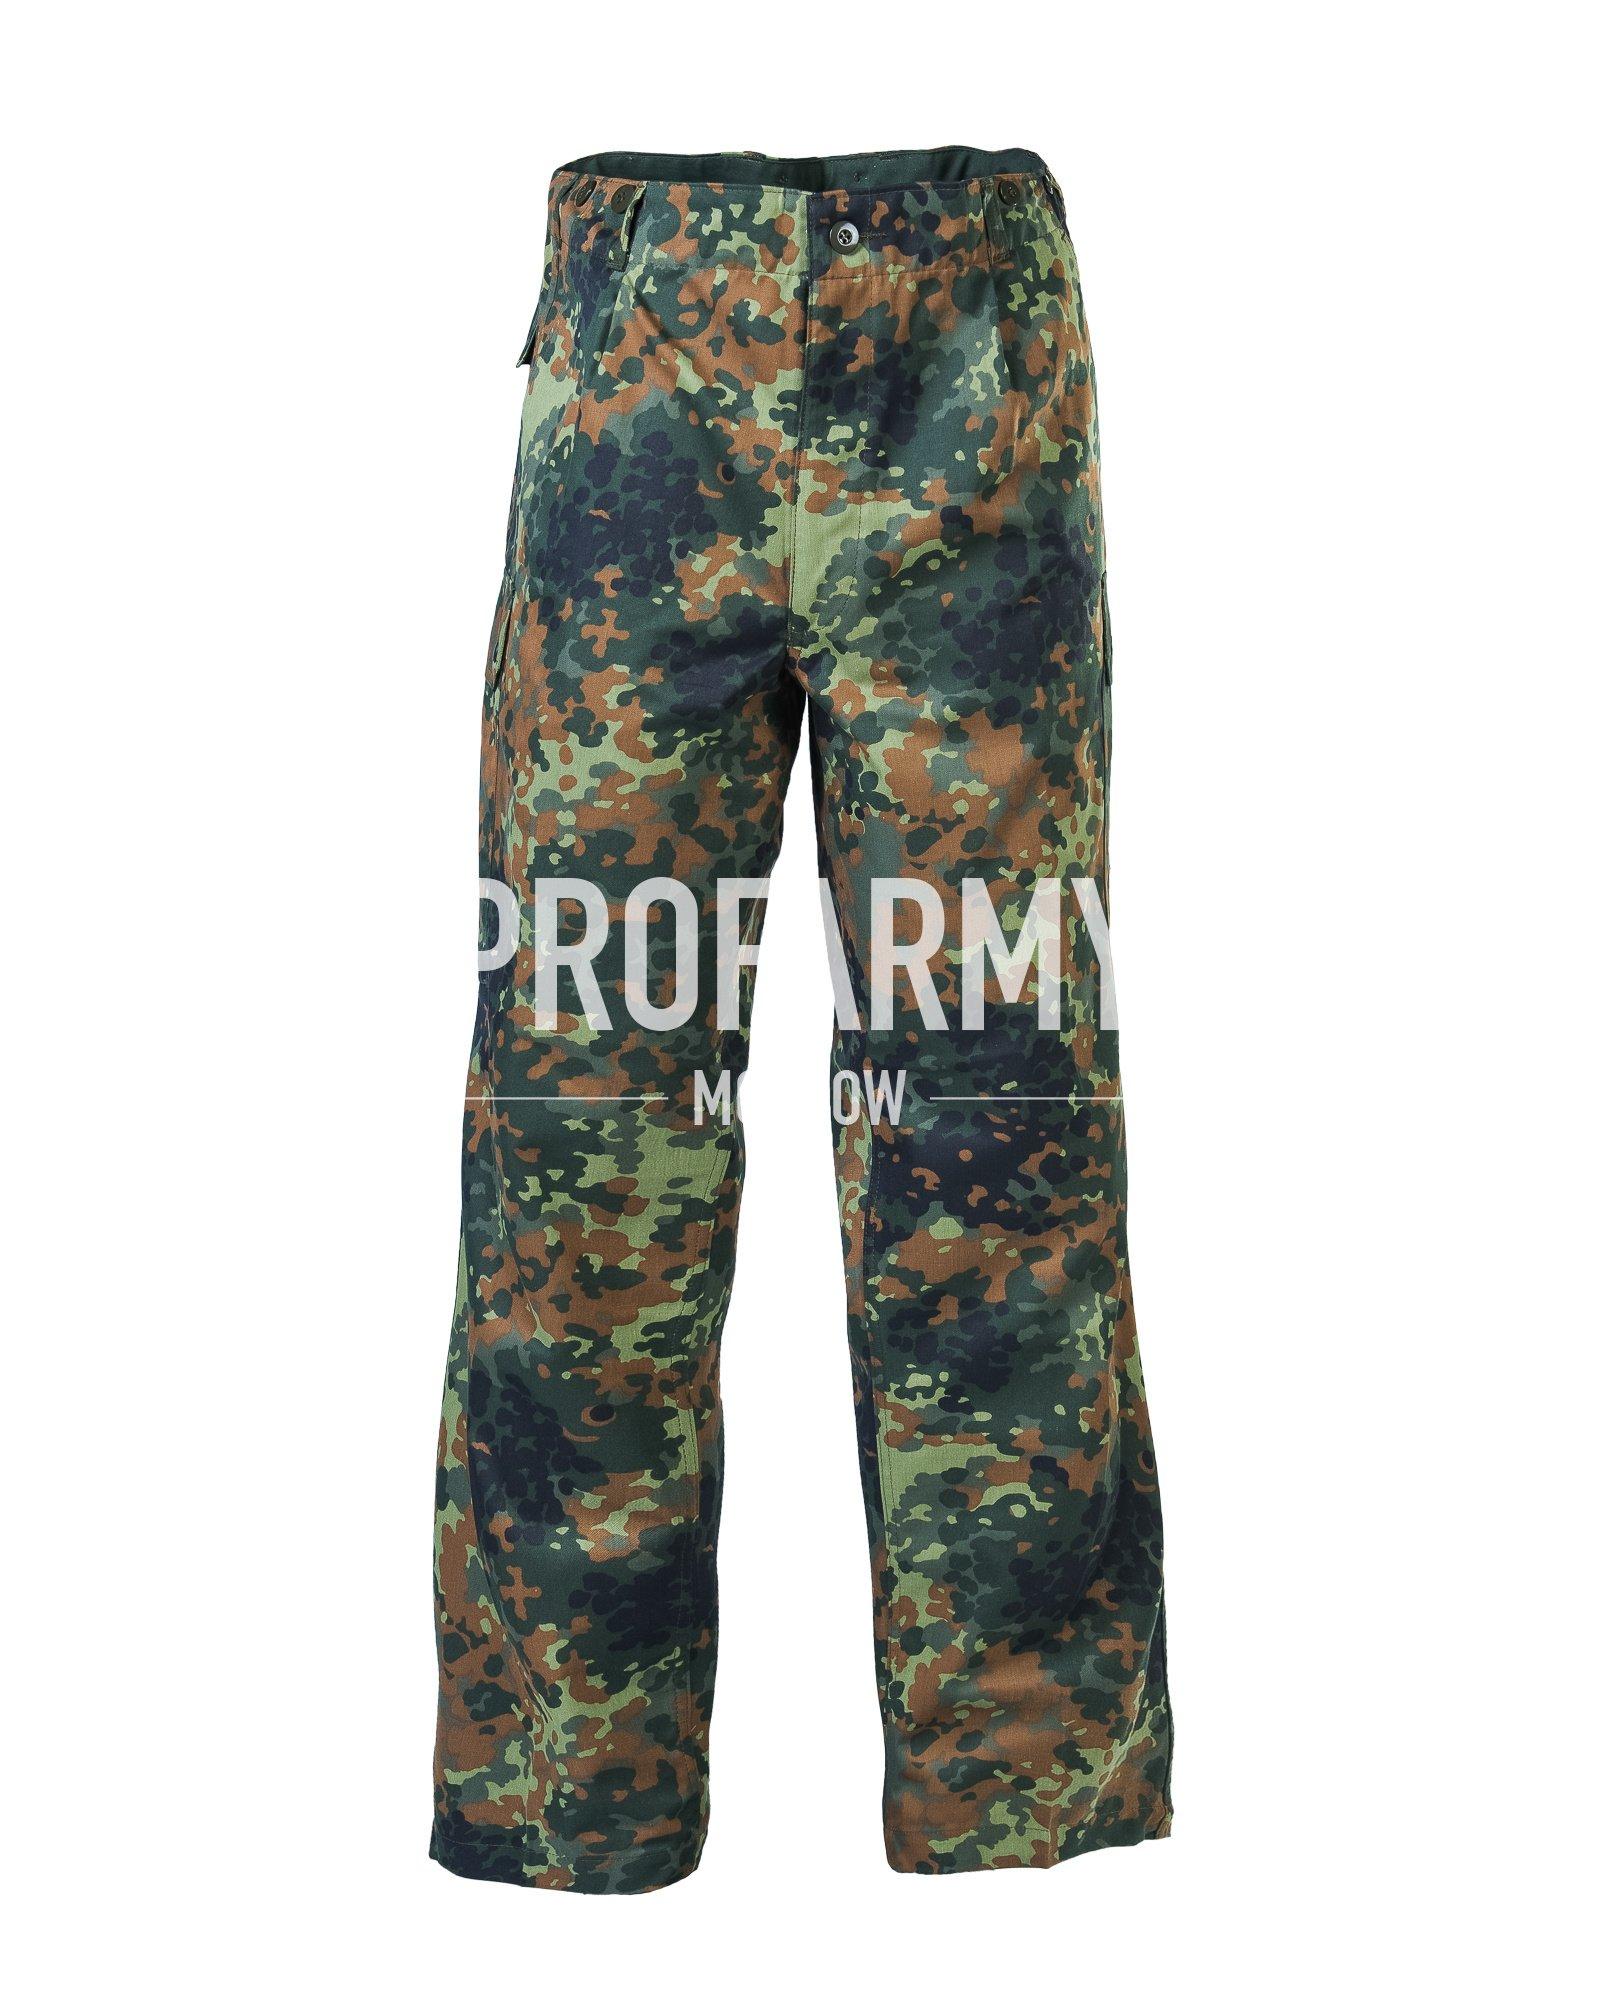 Брюки Полевые BW fleck, Тактические брюки - арт. 898120344